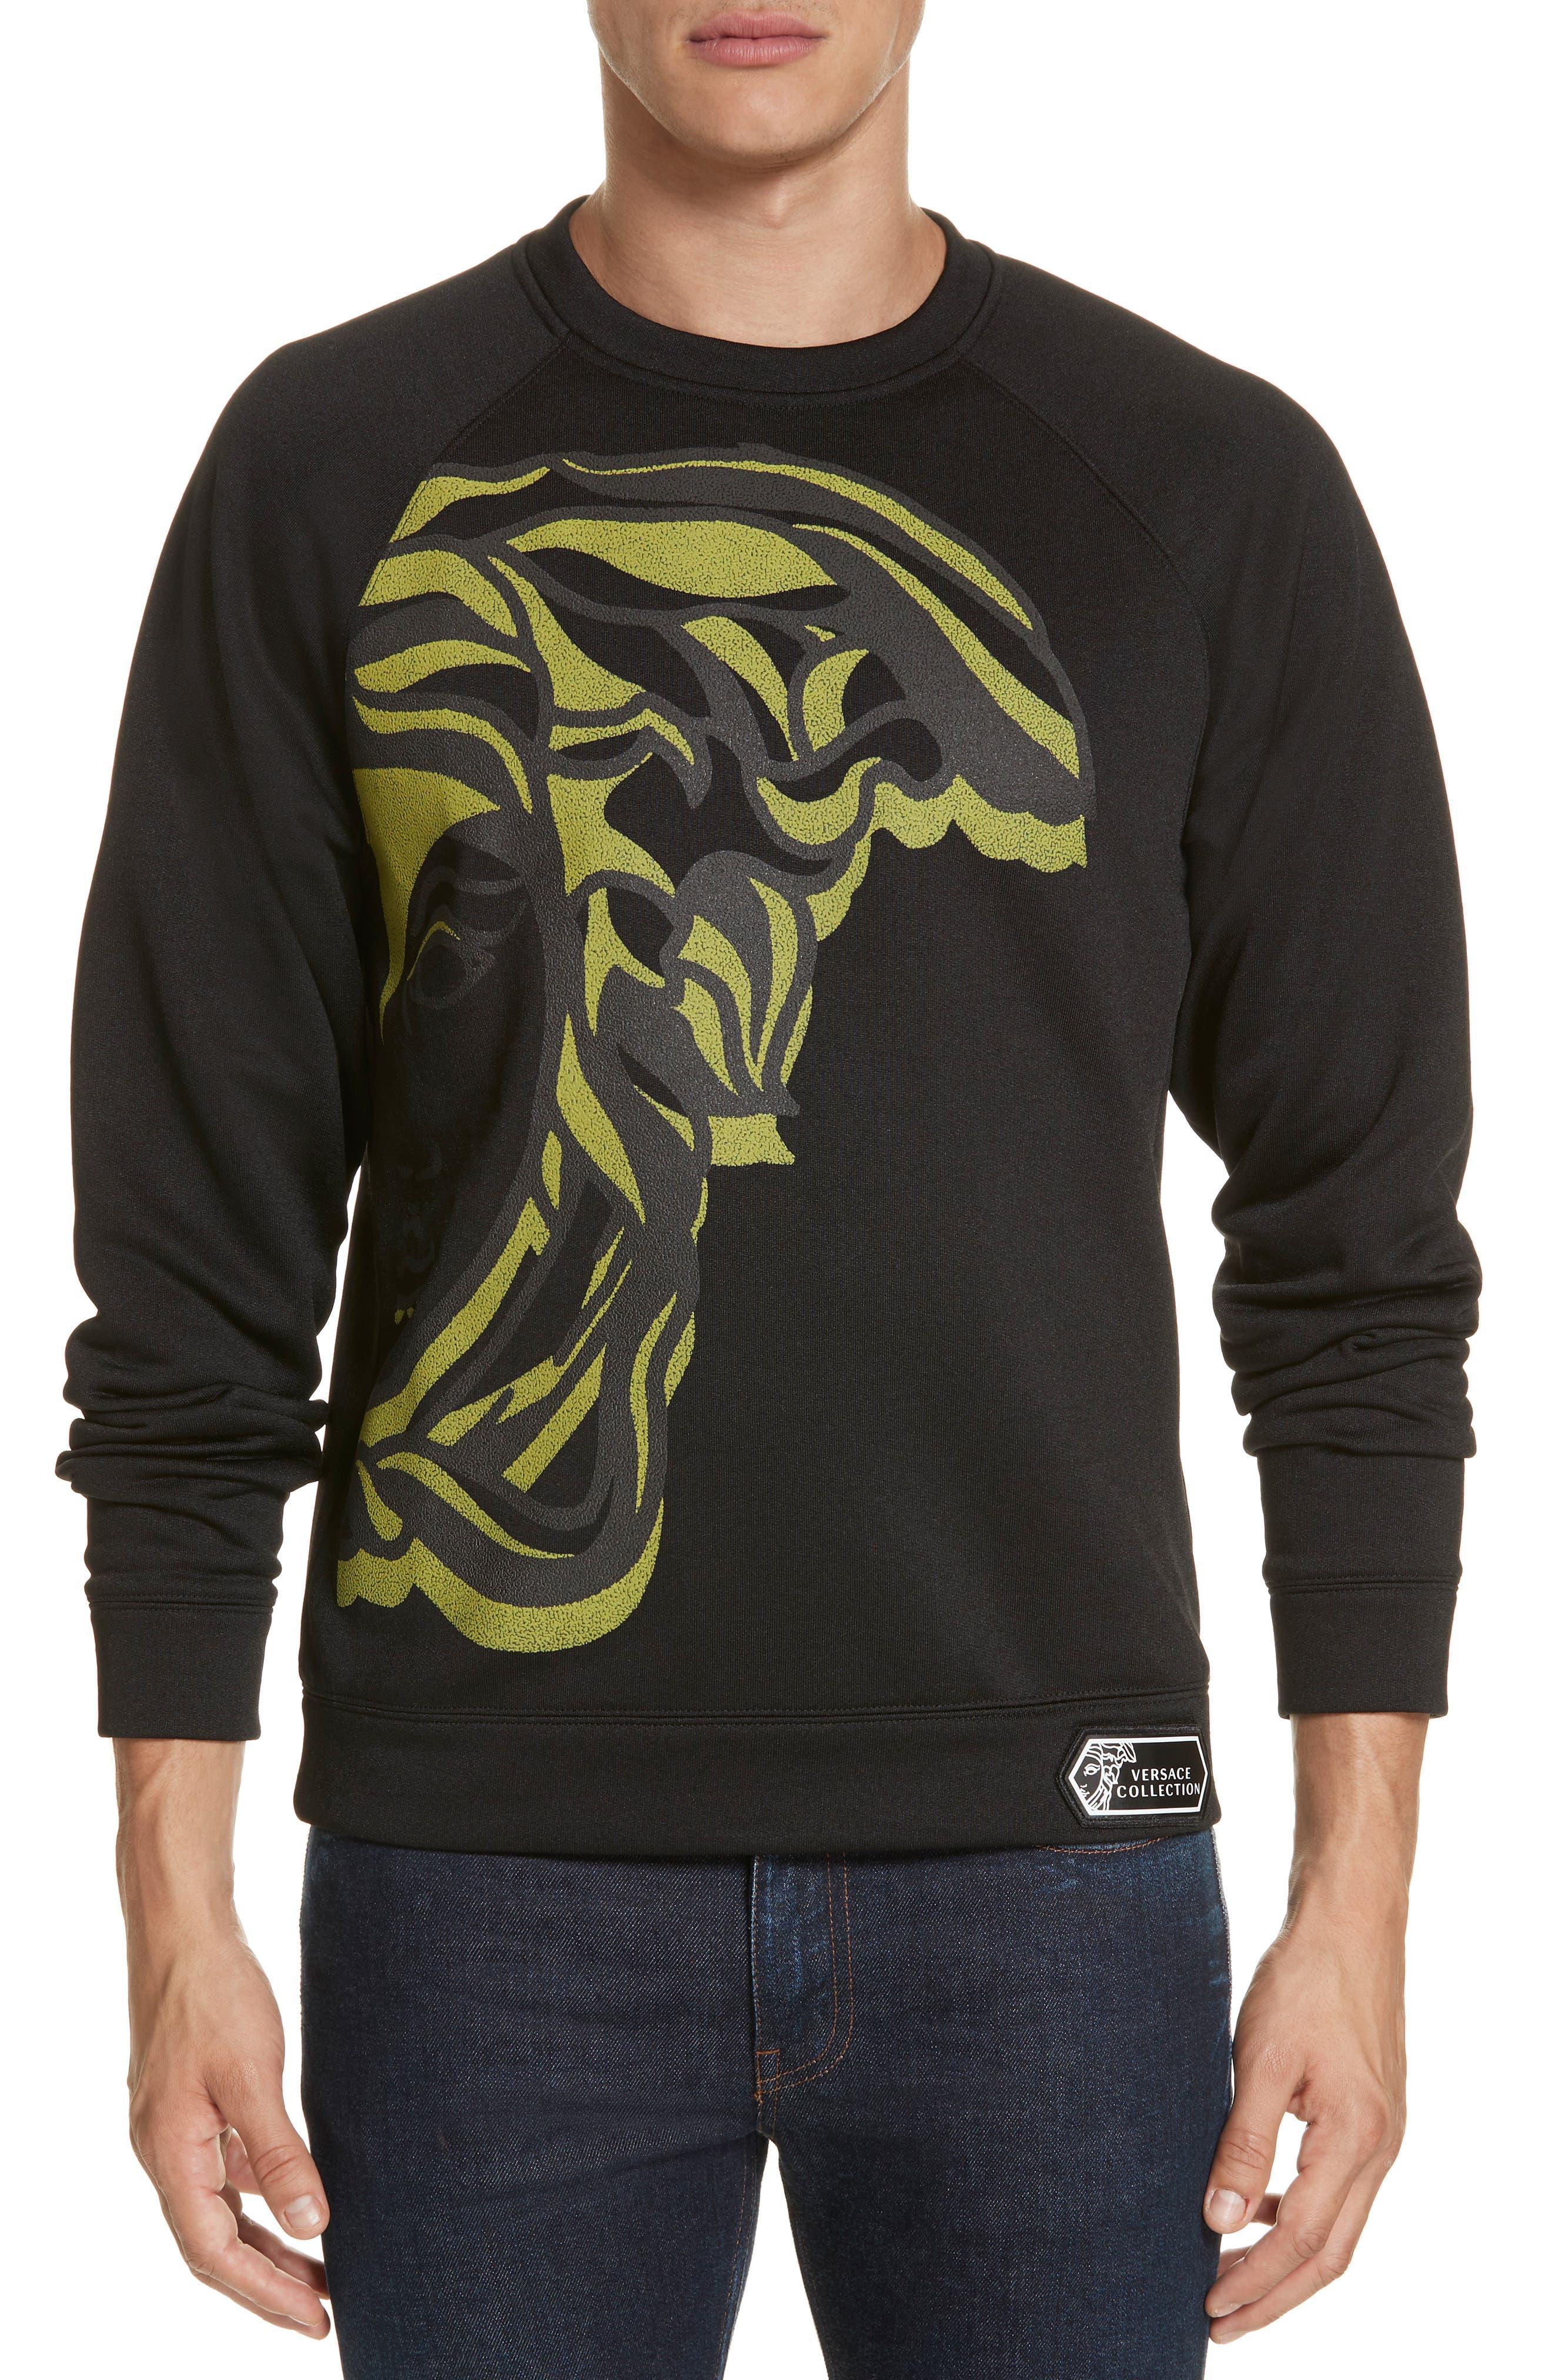 VERSACE COLLECTION Medusa Print Sweatshirt, Main, color, BLACK/ PAINT